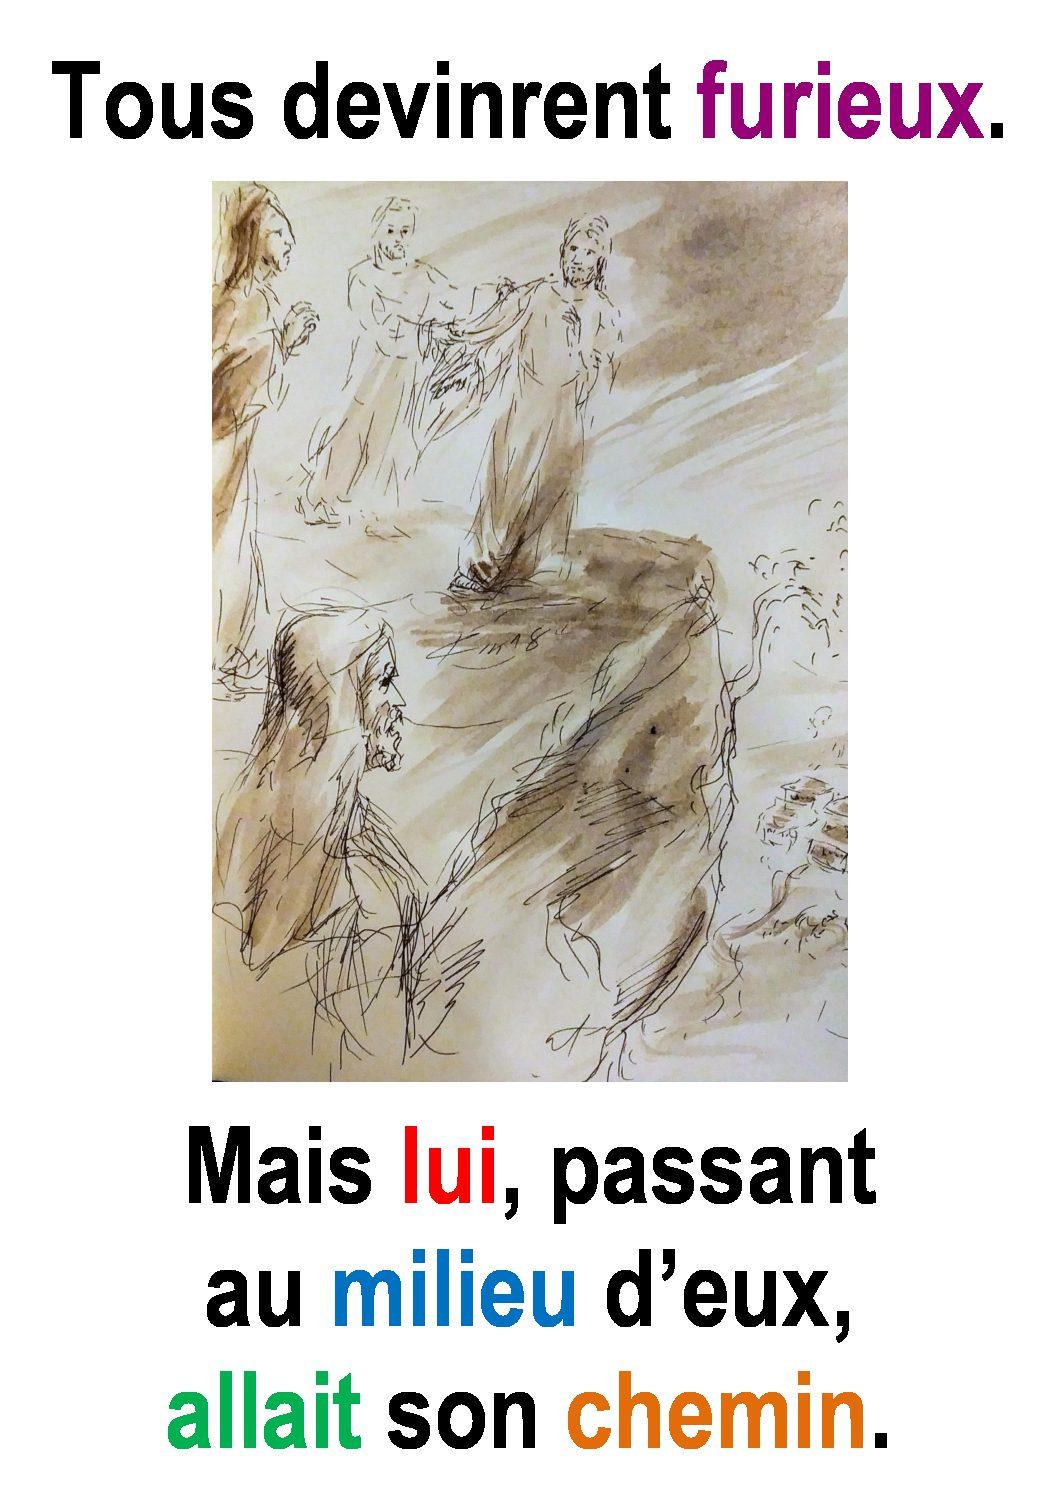 4ième Dimanche du Temps Ordinaire  (Luc 4, 21-30) : «Mais lui, passant au milieu d'eux, allait son chemin. » (Francis Cousin)